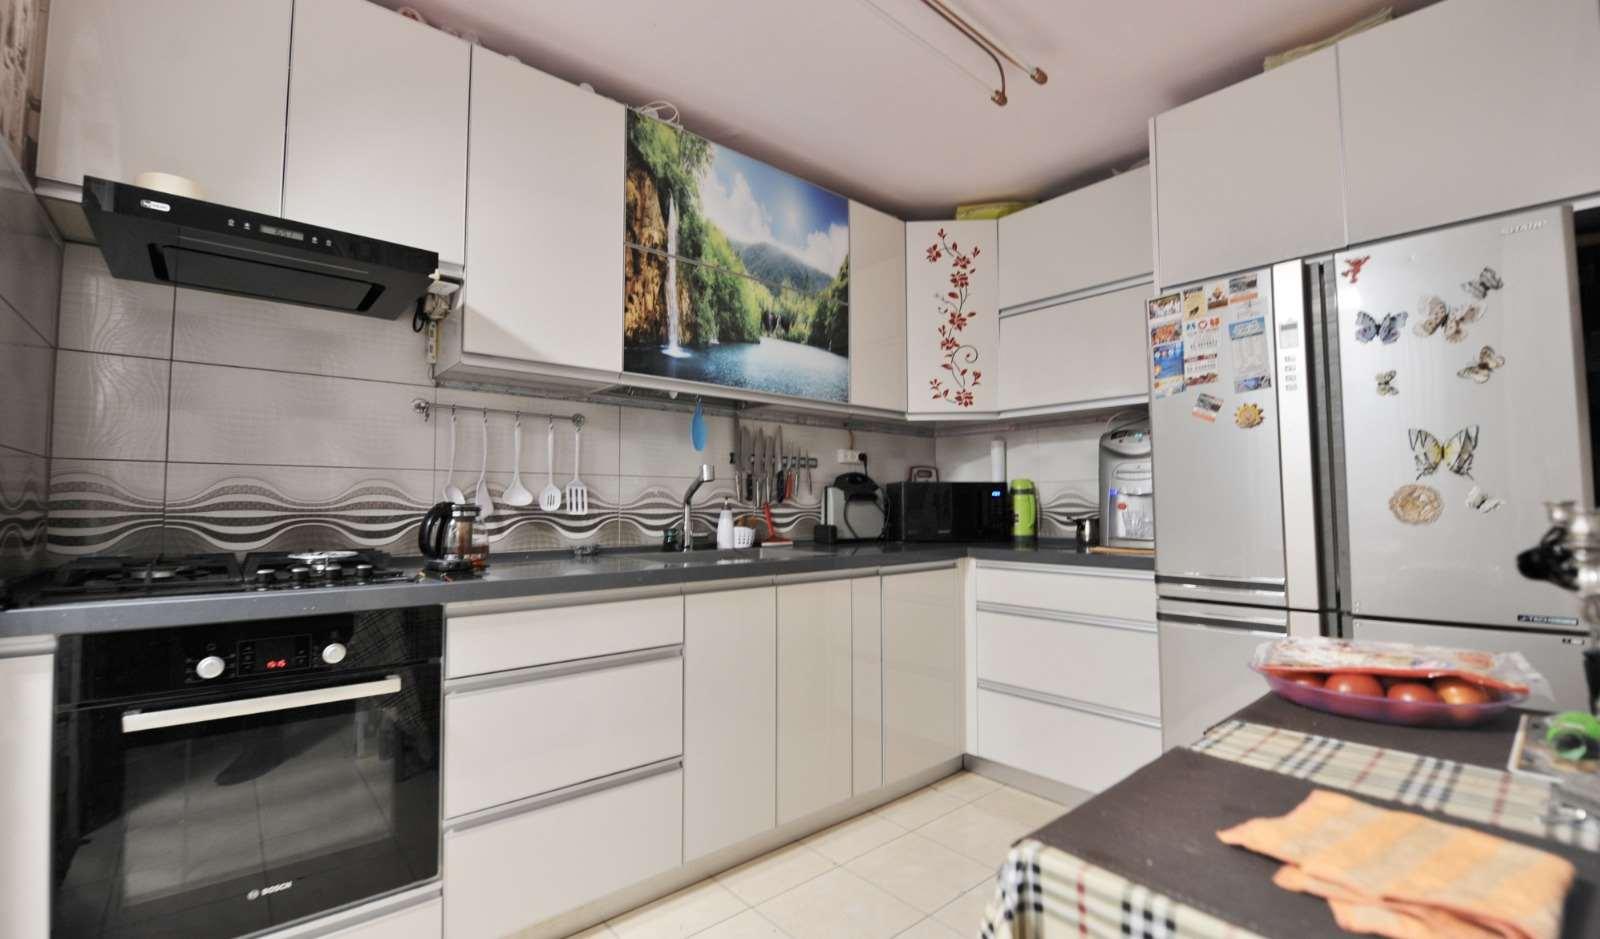 דירה למכירה 3 חדרים באור יהודה הרדוף